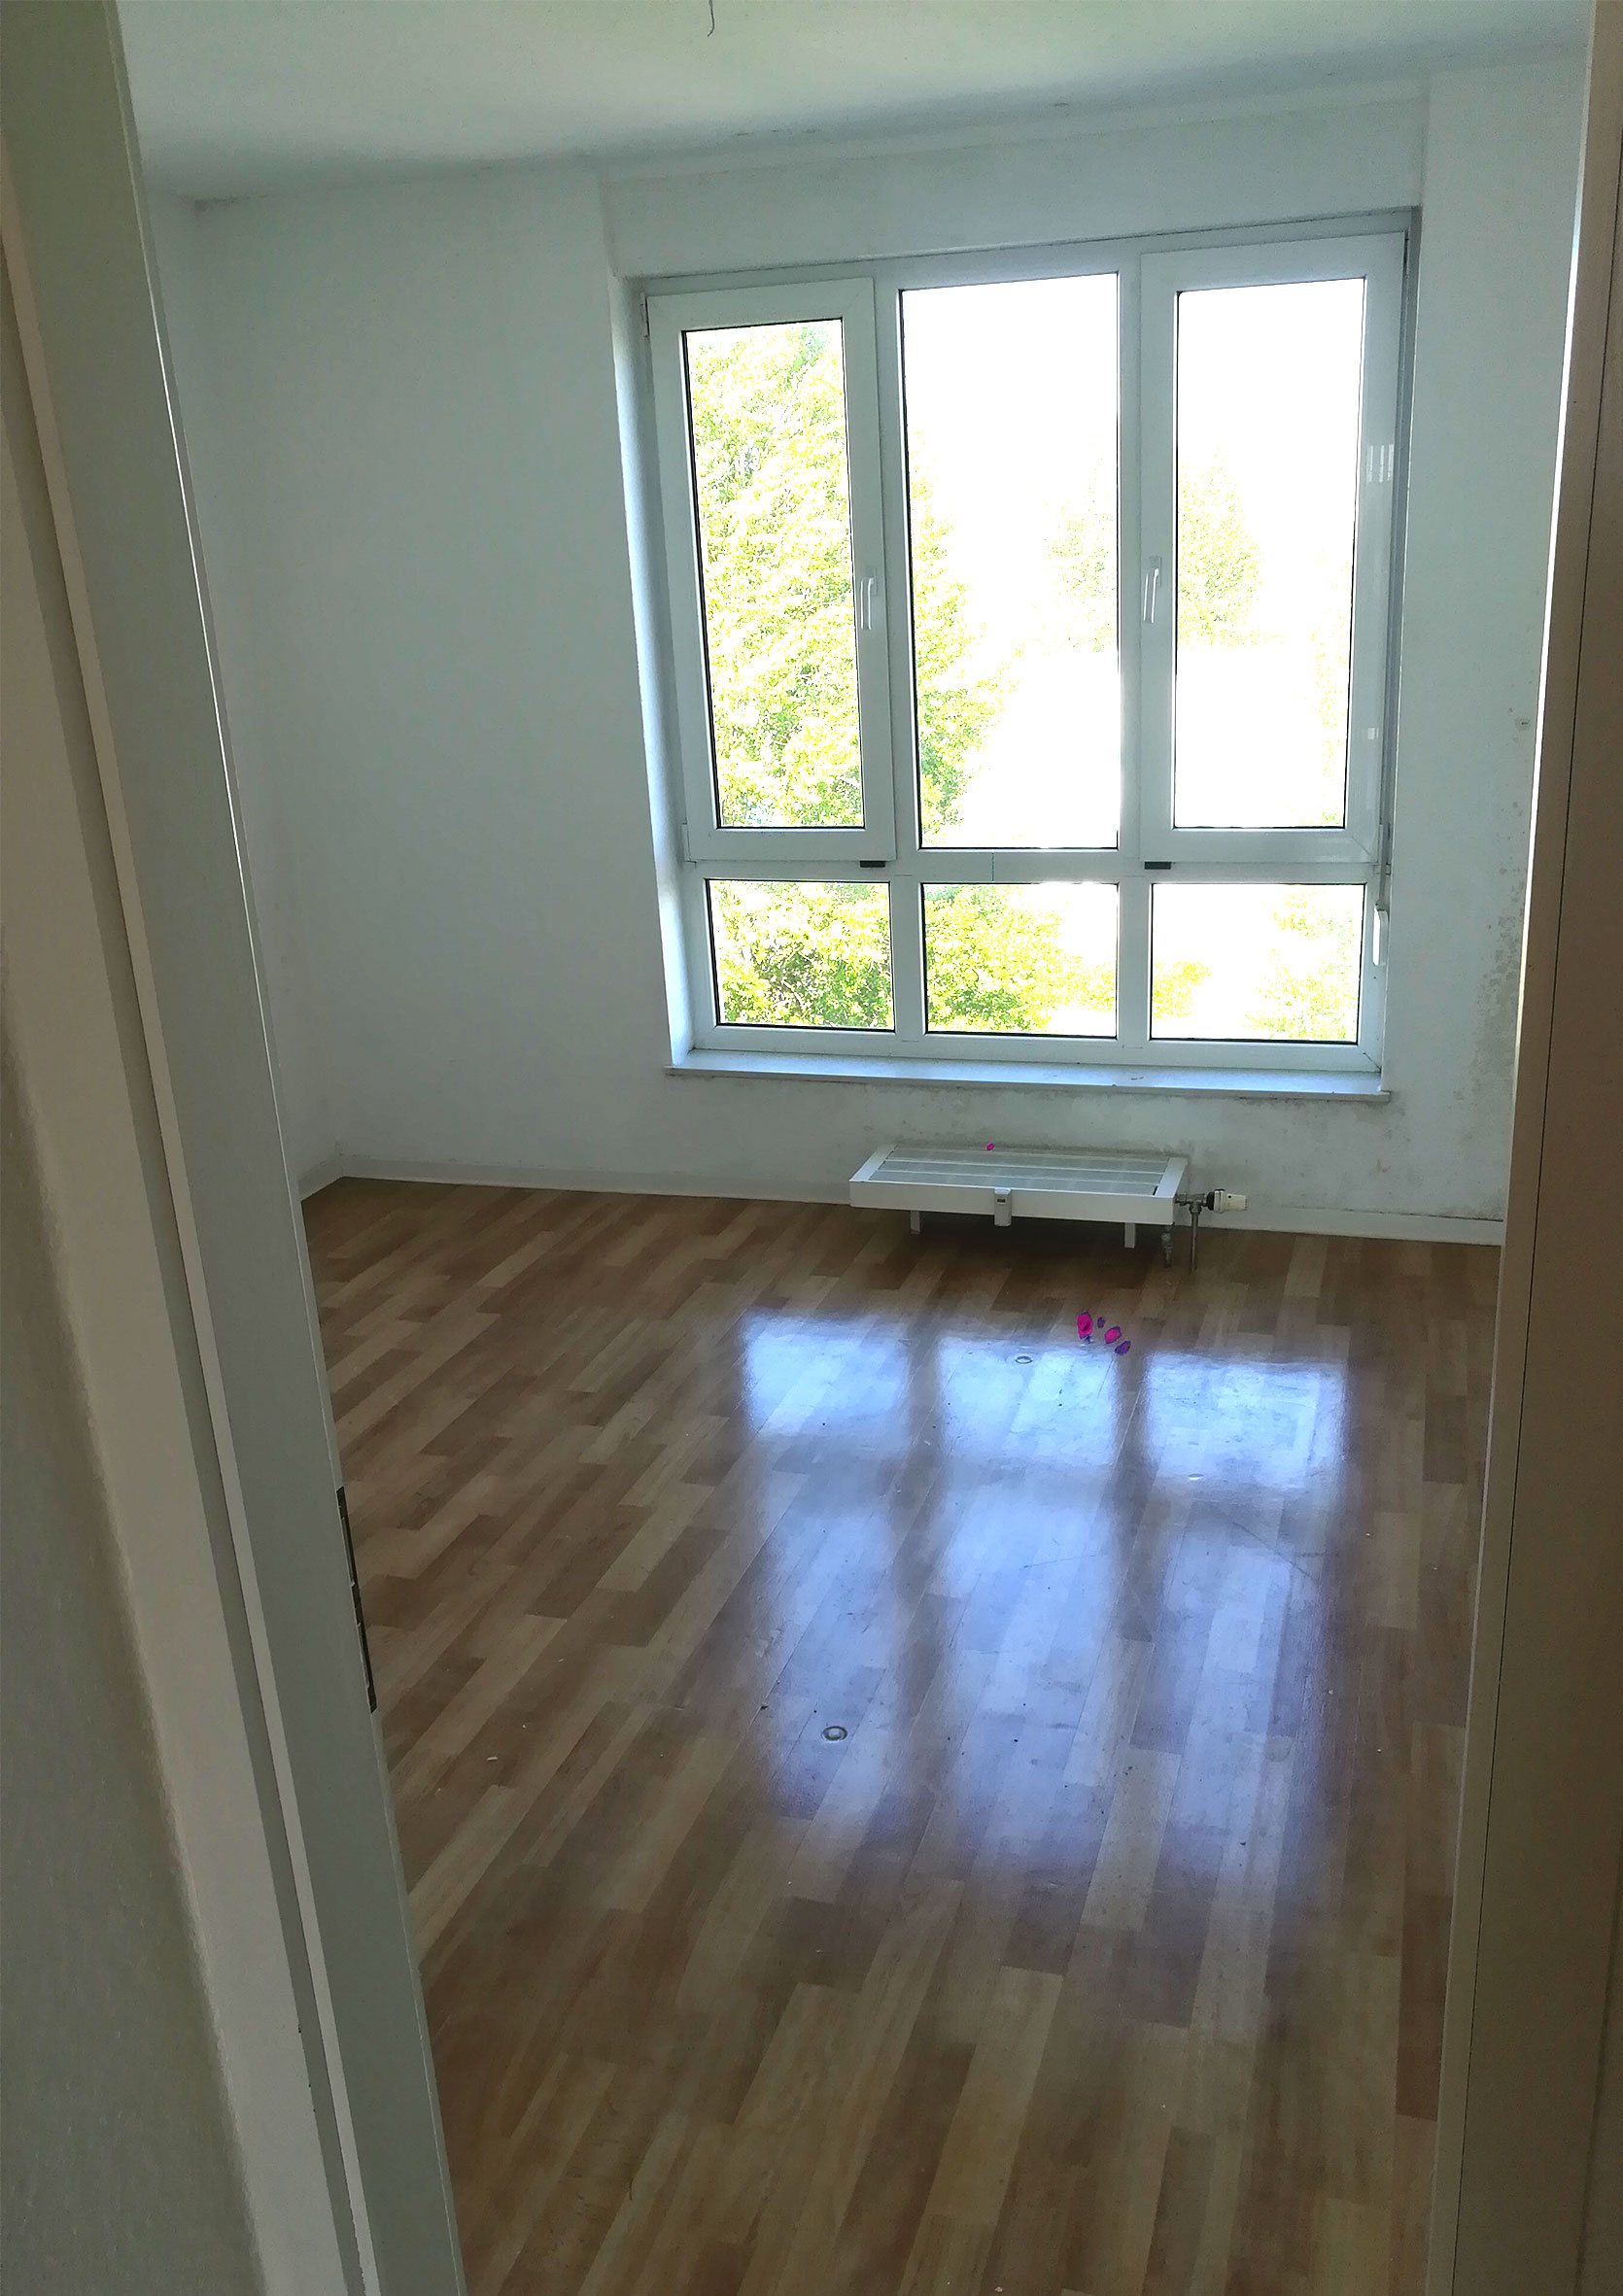 Schlafzimmer nachher Haushaltsauflösung Rostock